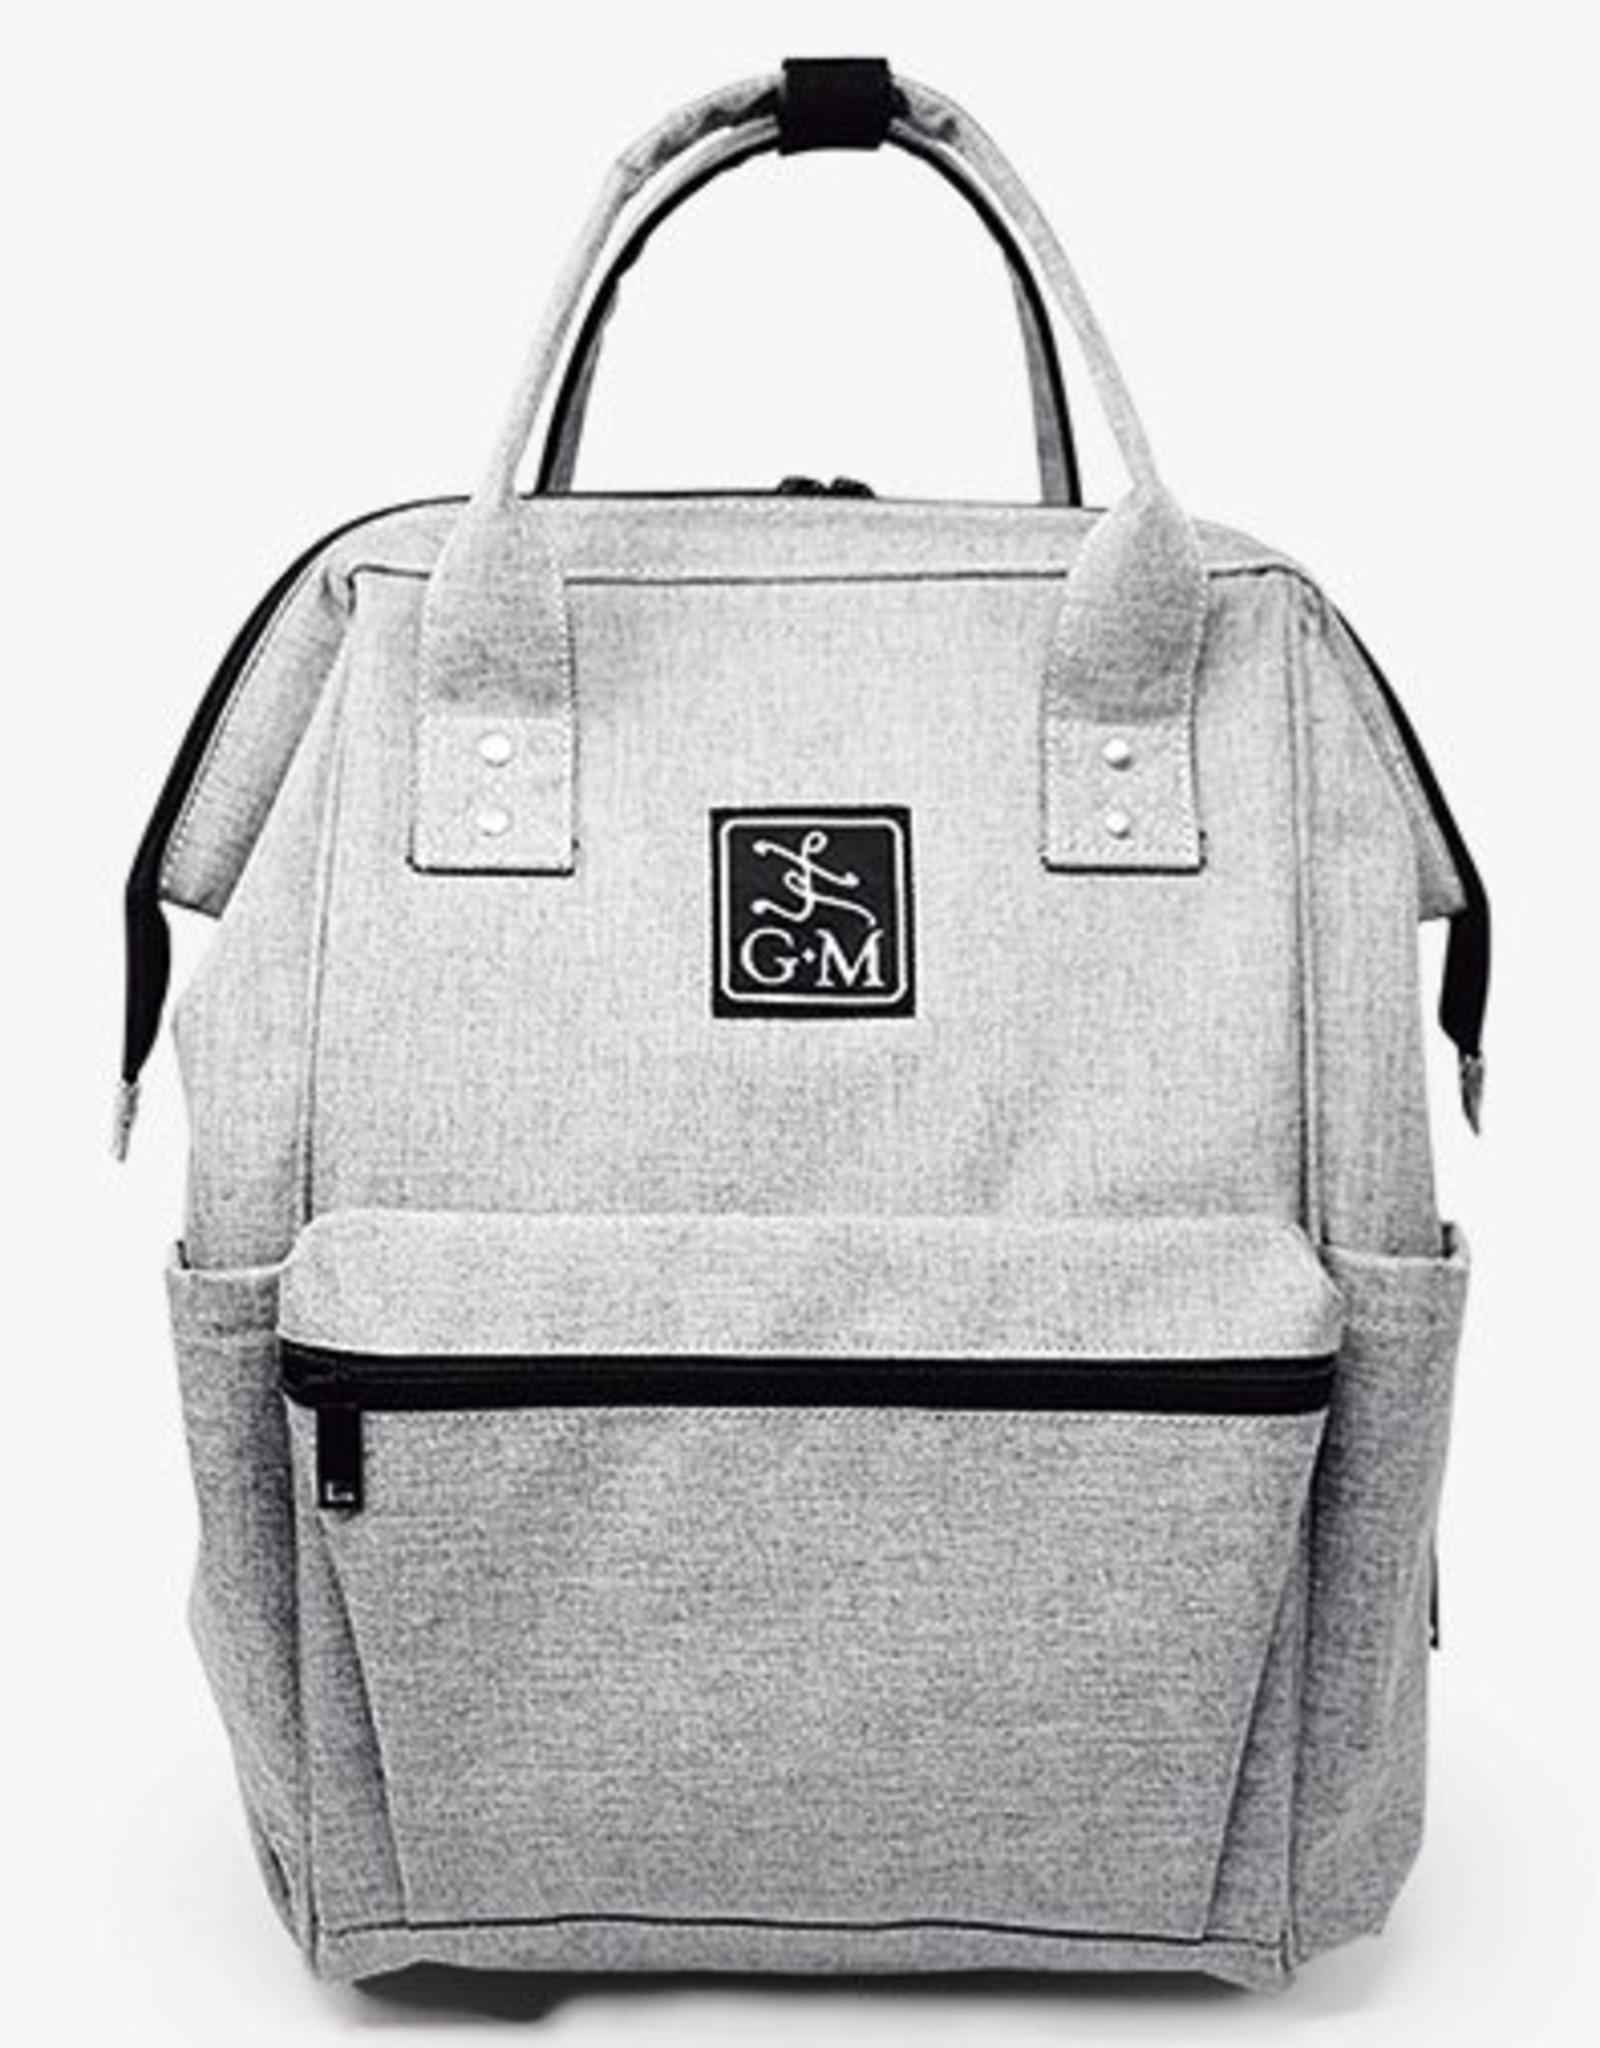 Gaynor Minden Gaynor Minden Studio Bag